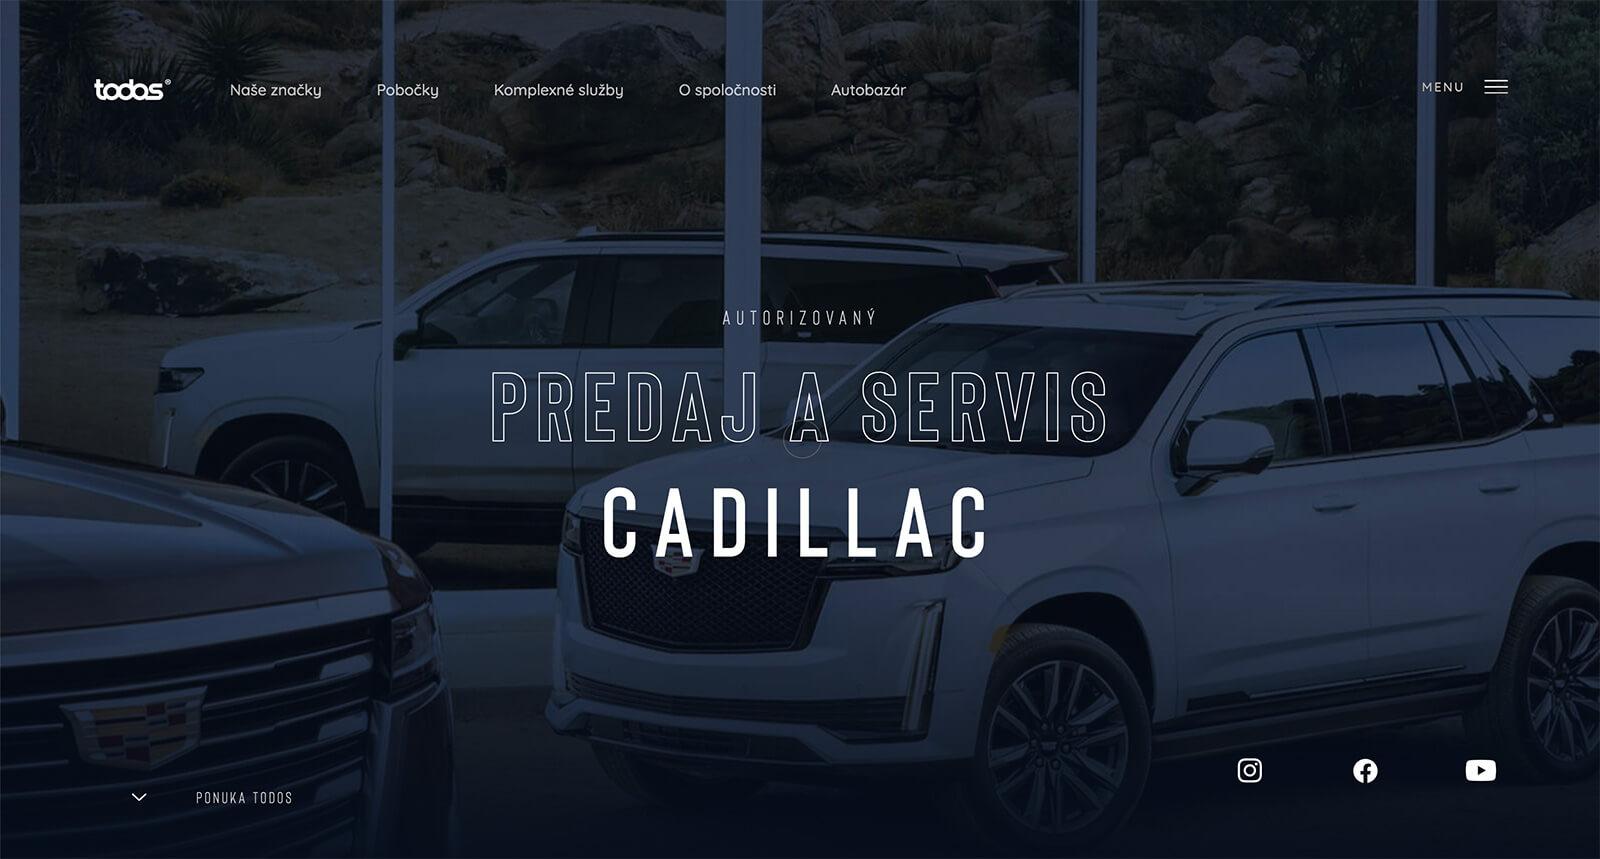 Todos projekt - dizajn webových stránok